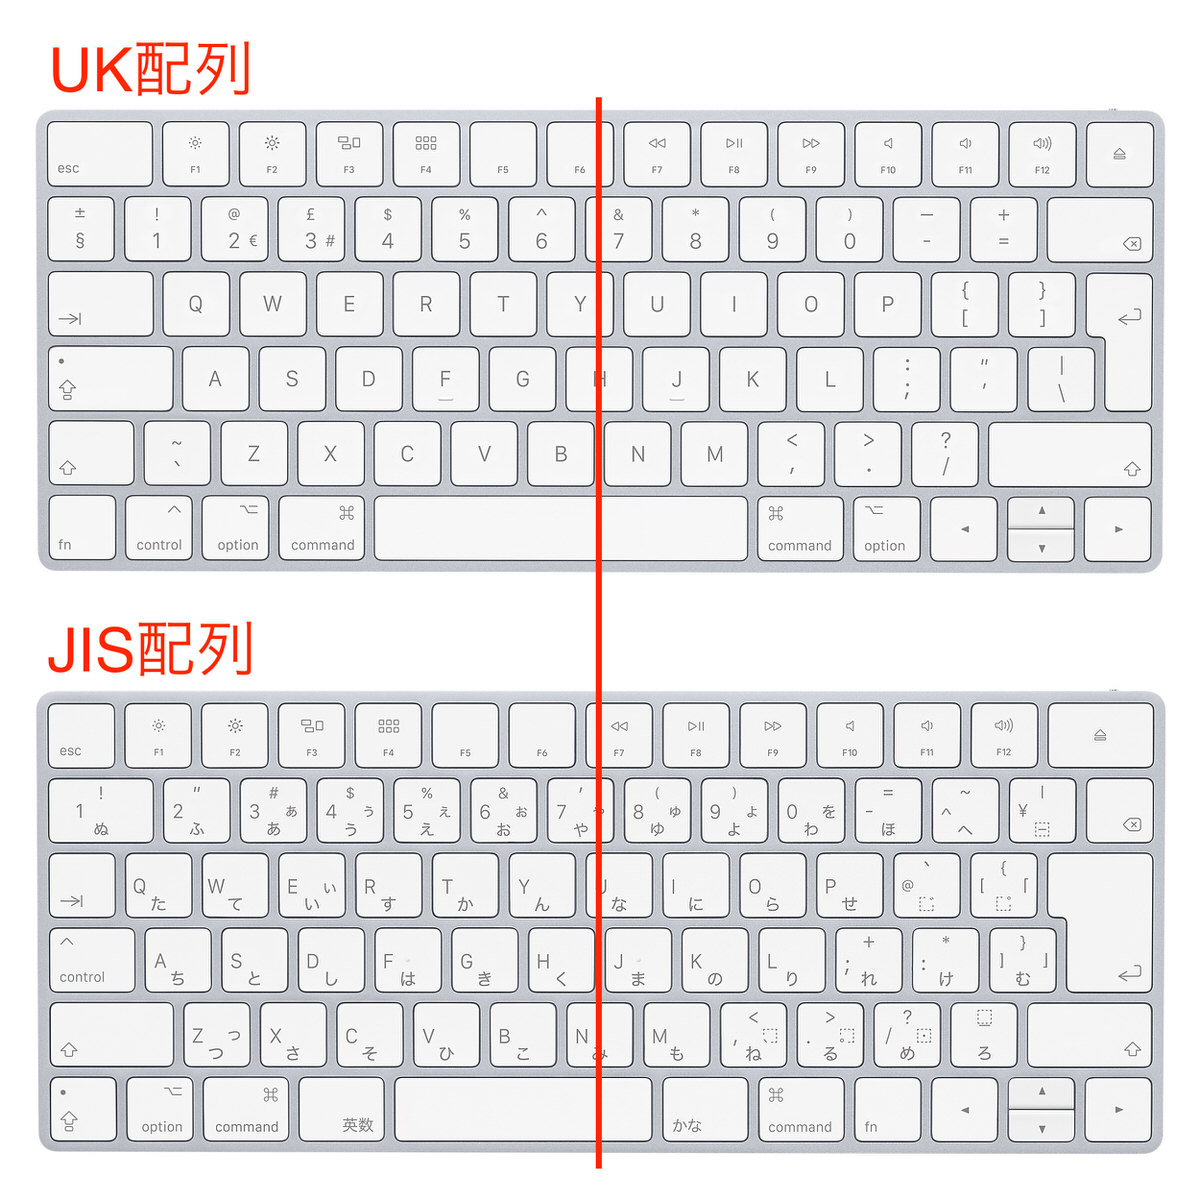 JISキーボードとUSキーボードの比較